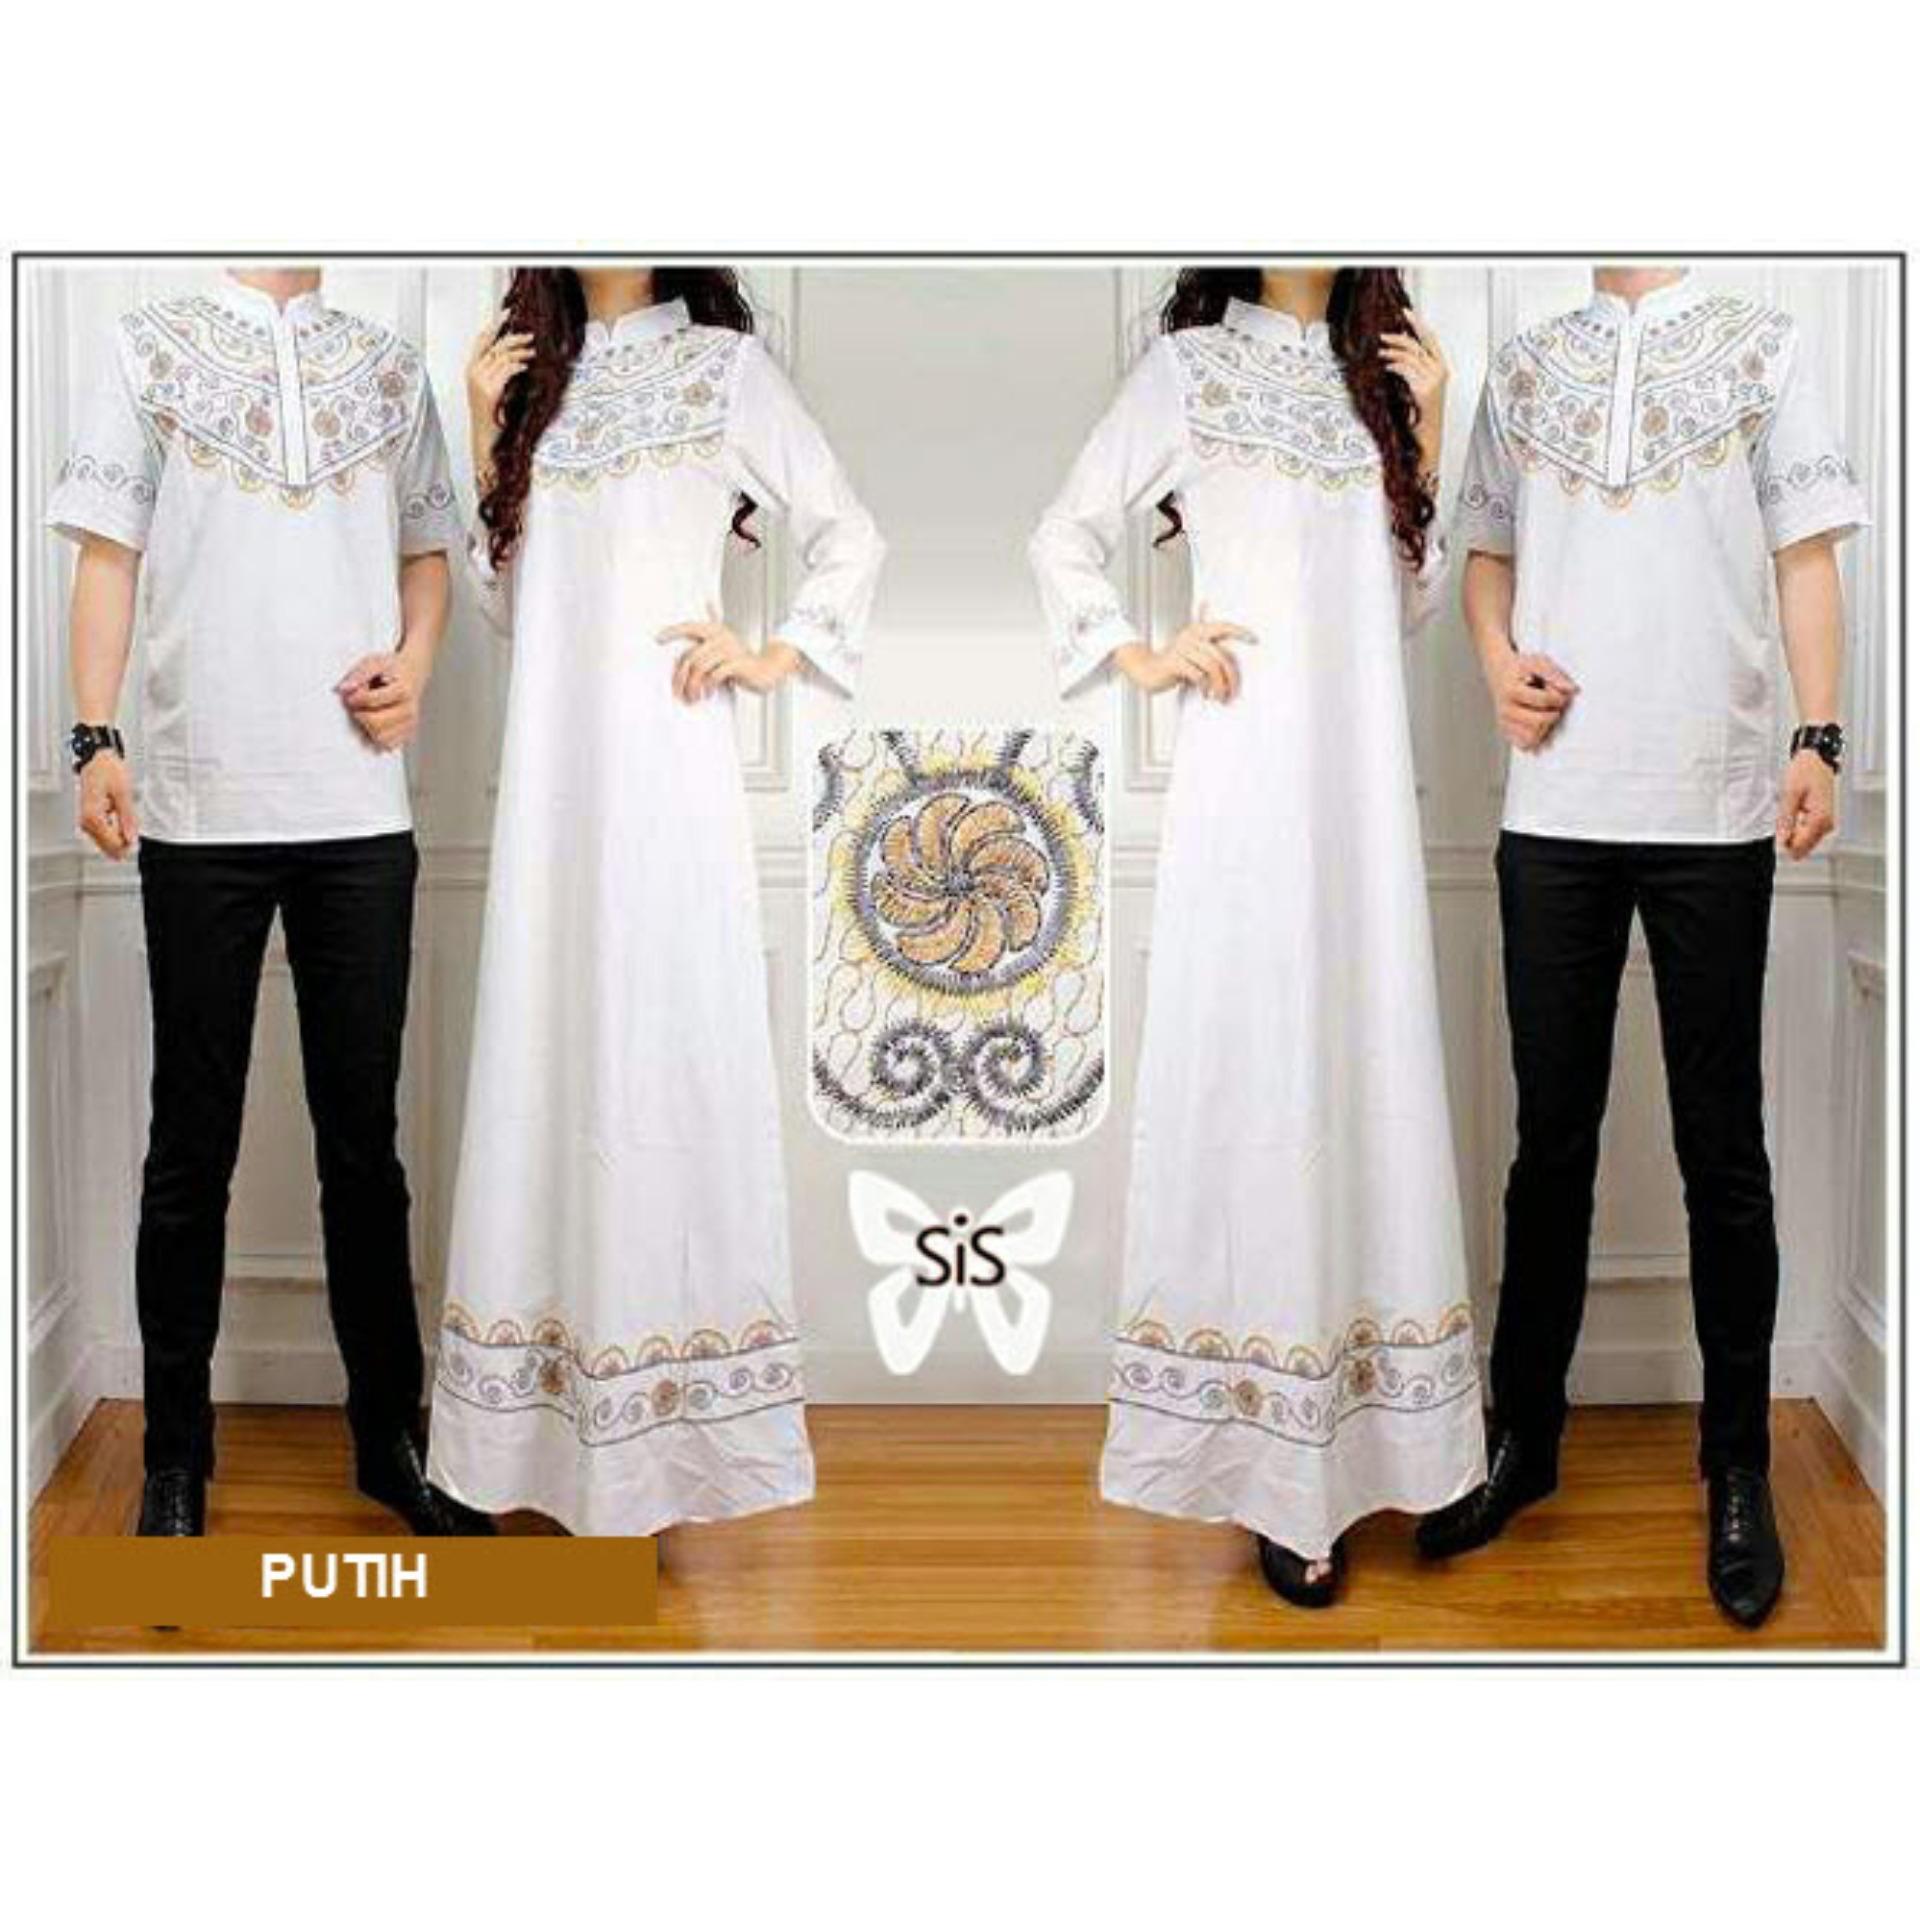 Flavia Store Baju Muslim Couple Bordir FS0497 - PUTIH / Sarimbit / Batik Pasangan / Sepasang Busana Syar'i / Kemeja Koko Pria Gaun Muslimah Gamis Syari Wanita / Srelegant